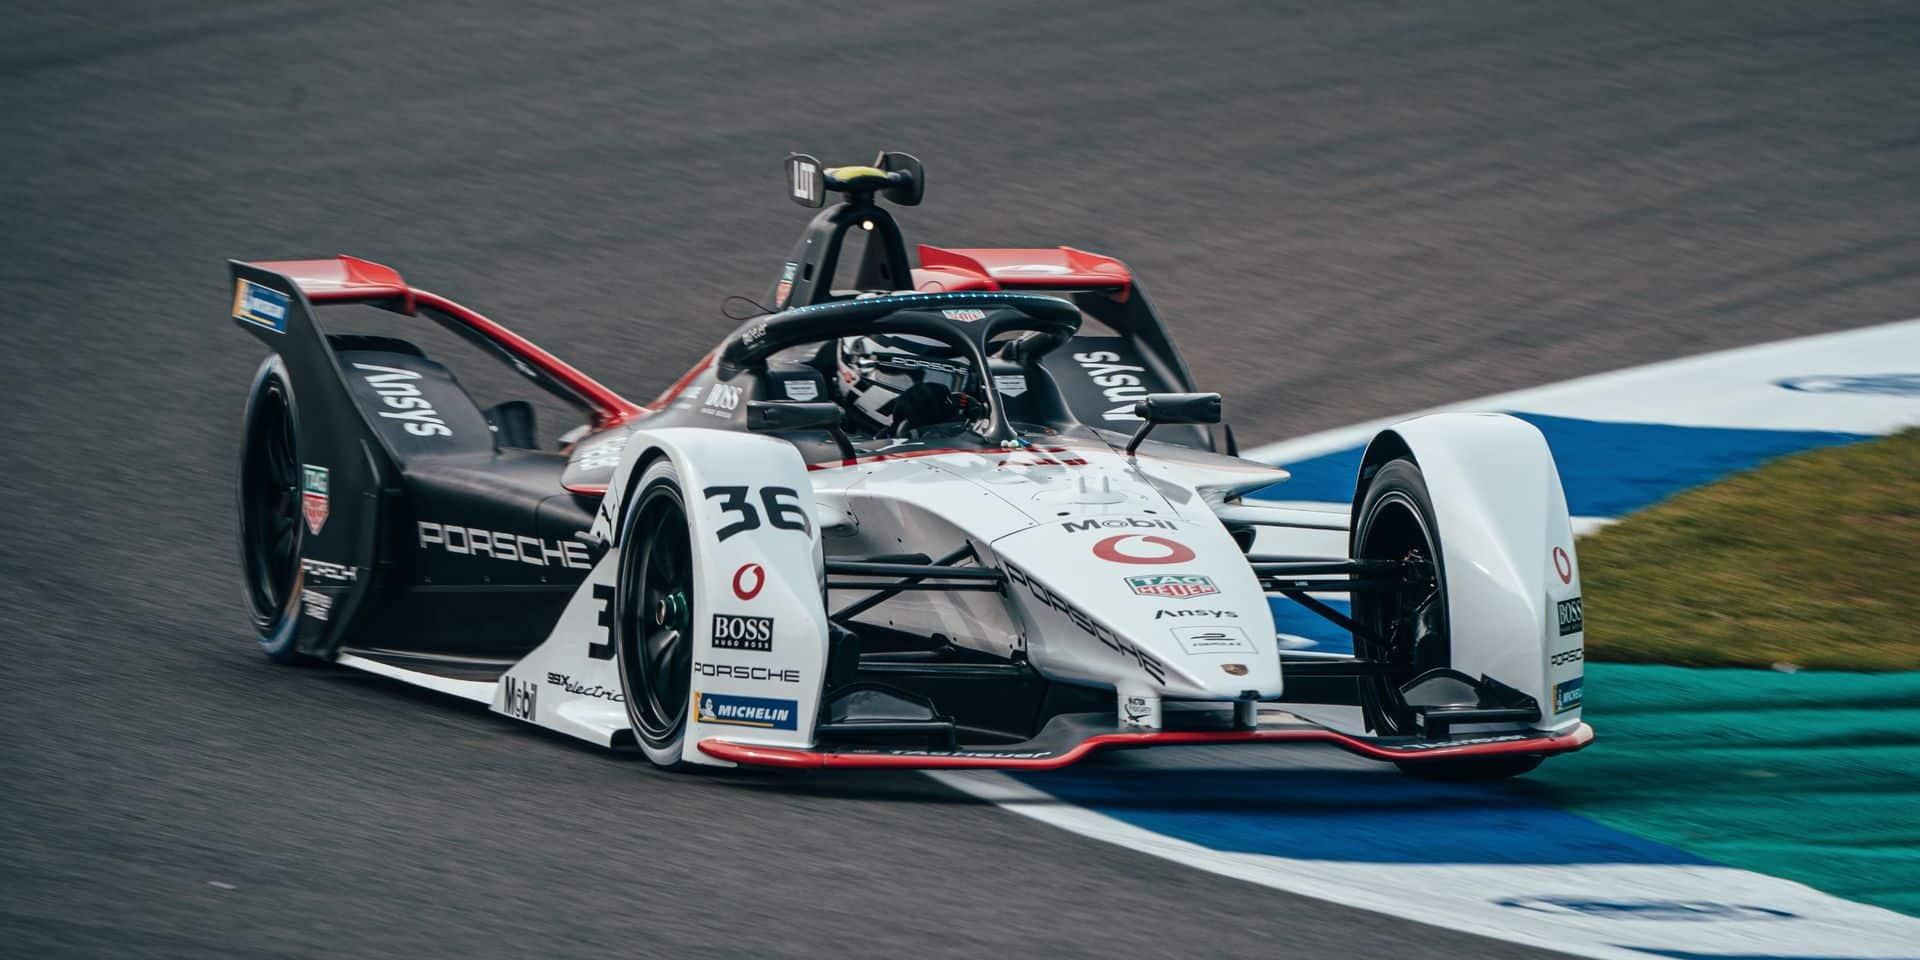 ePrix de Valence: Lotterer partira 5ème la course 2, Vandoorne lointain 18ème